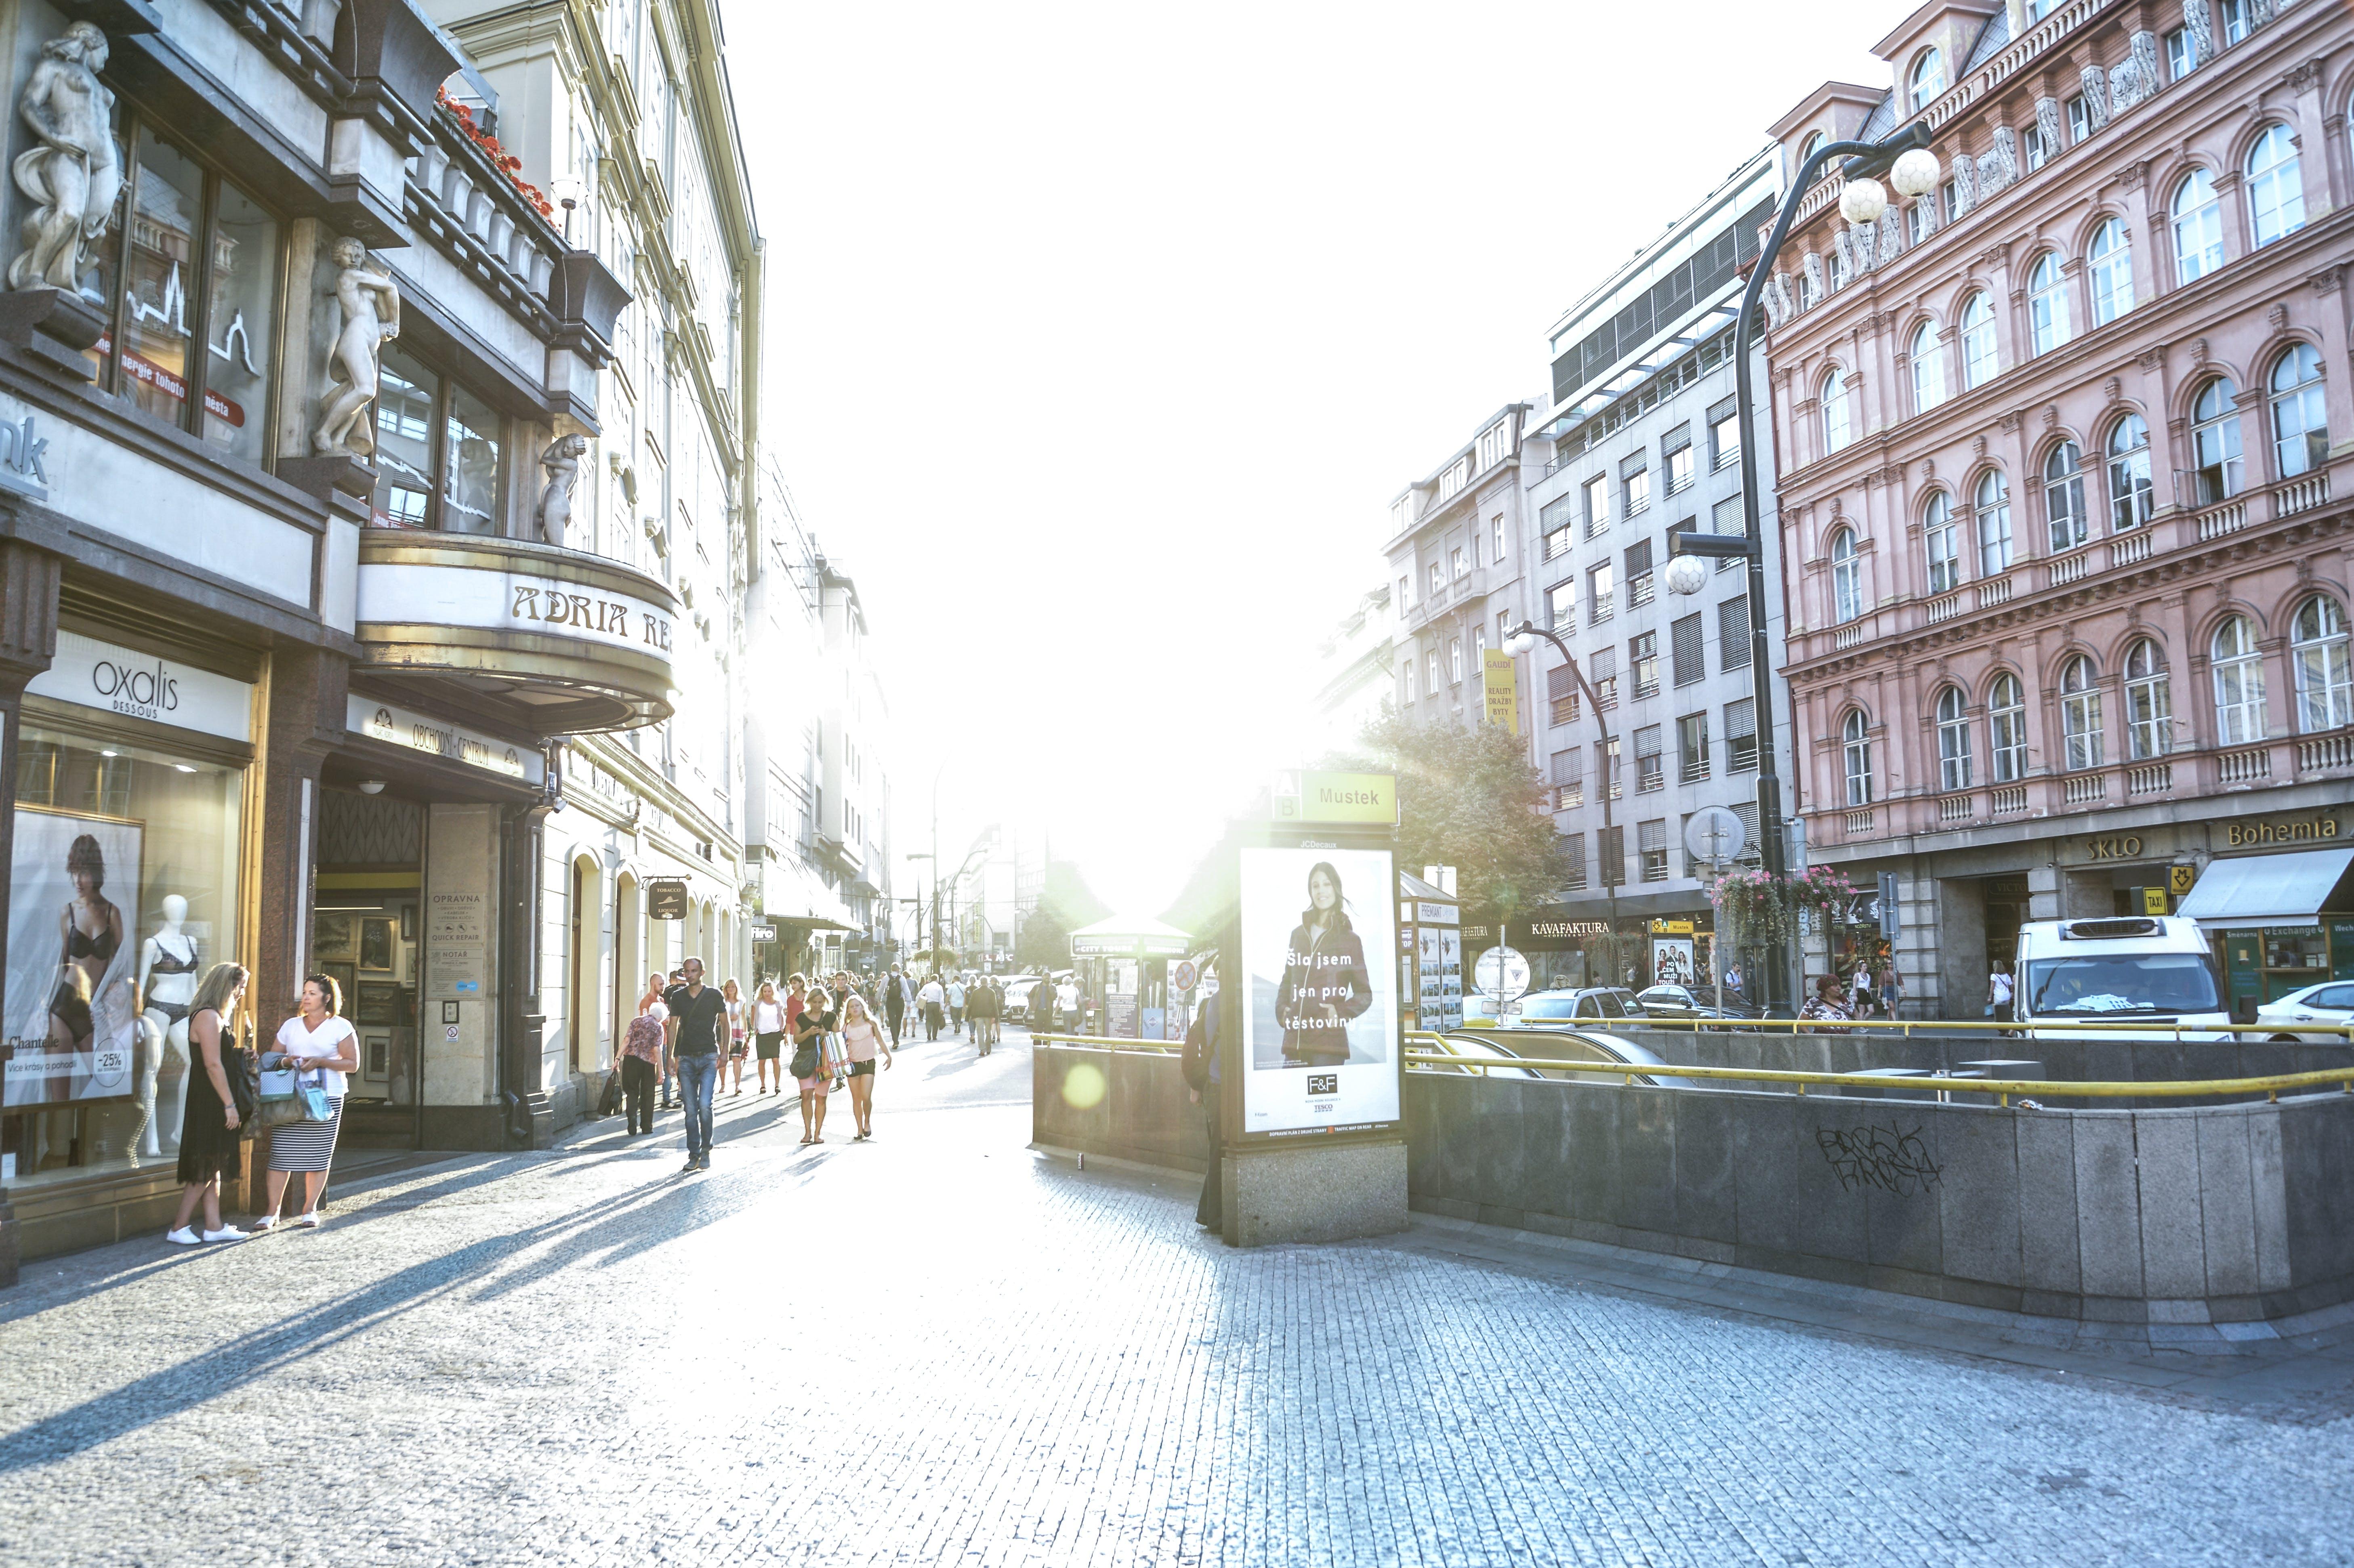 Foto d'estoc gratuïta de arquitectura, botigues, brillant, carrer